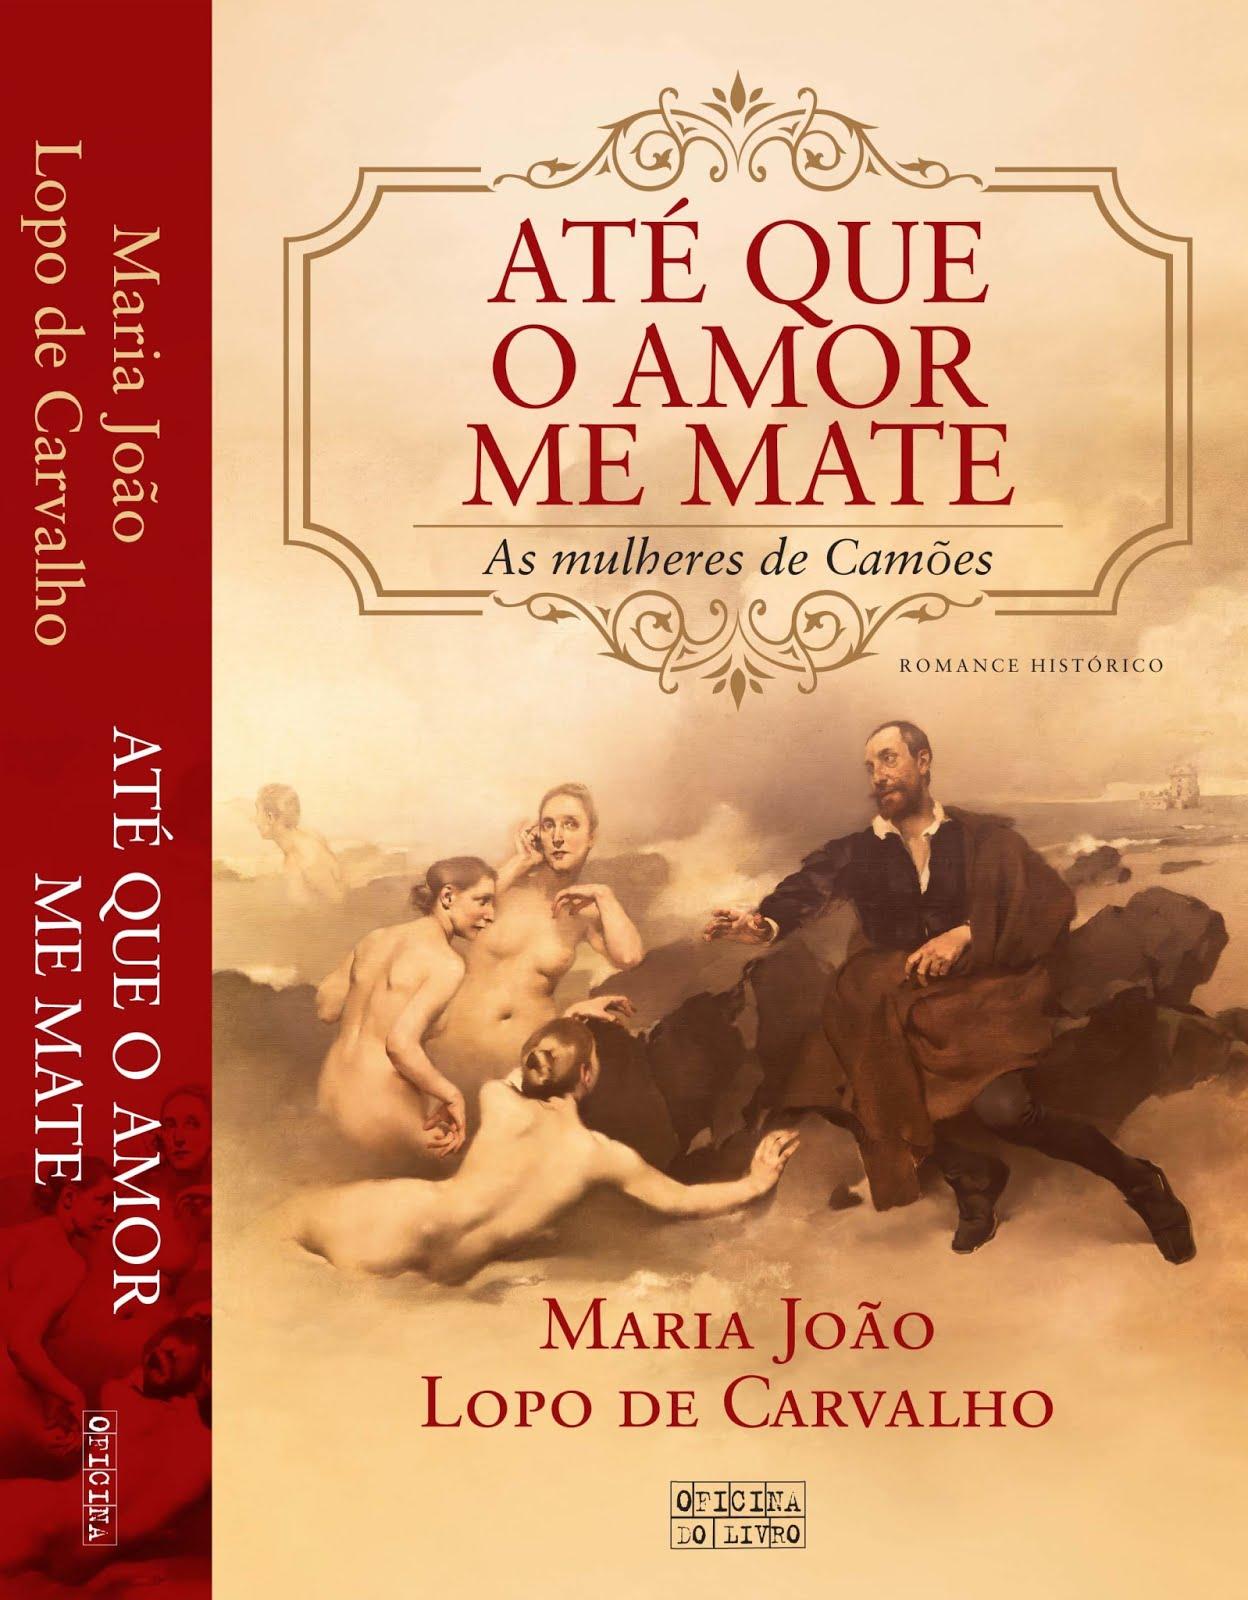 O livro que estou a ler